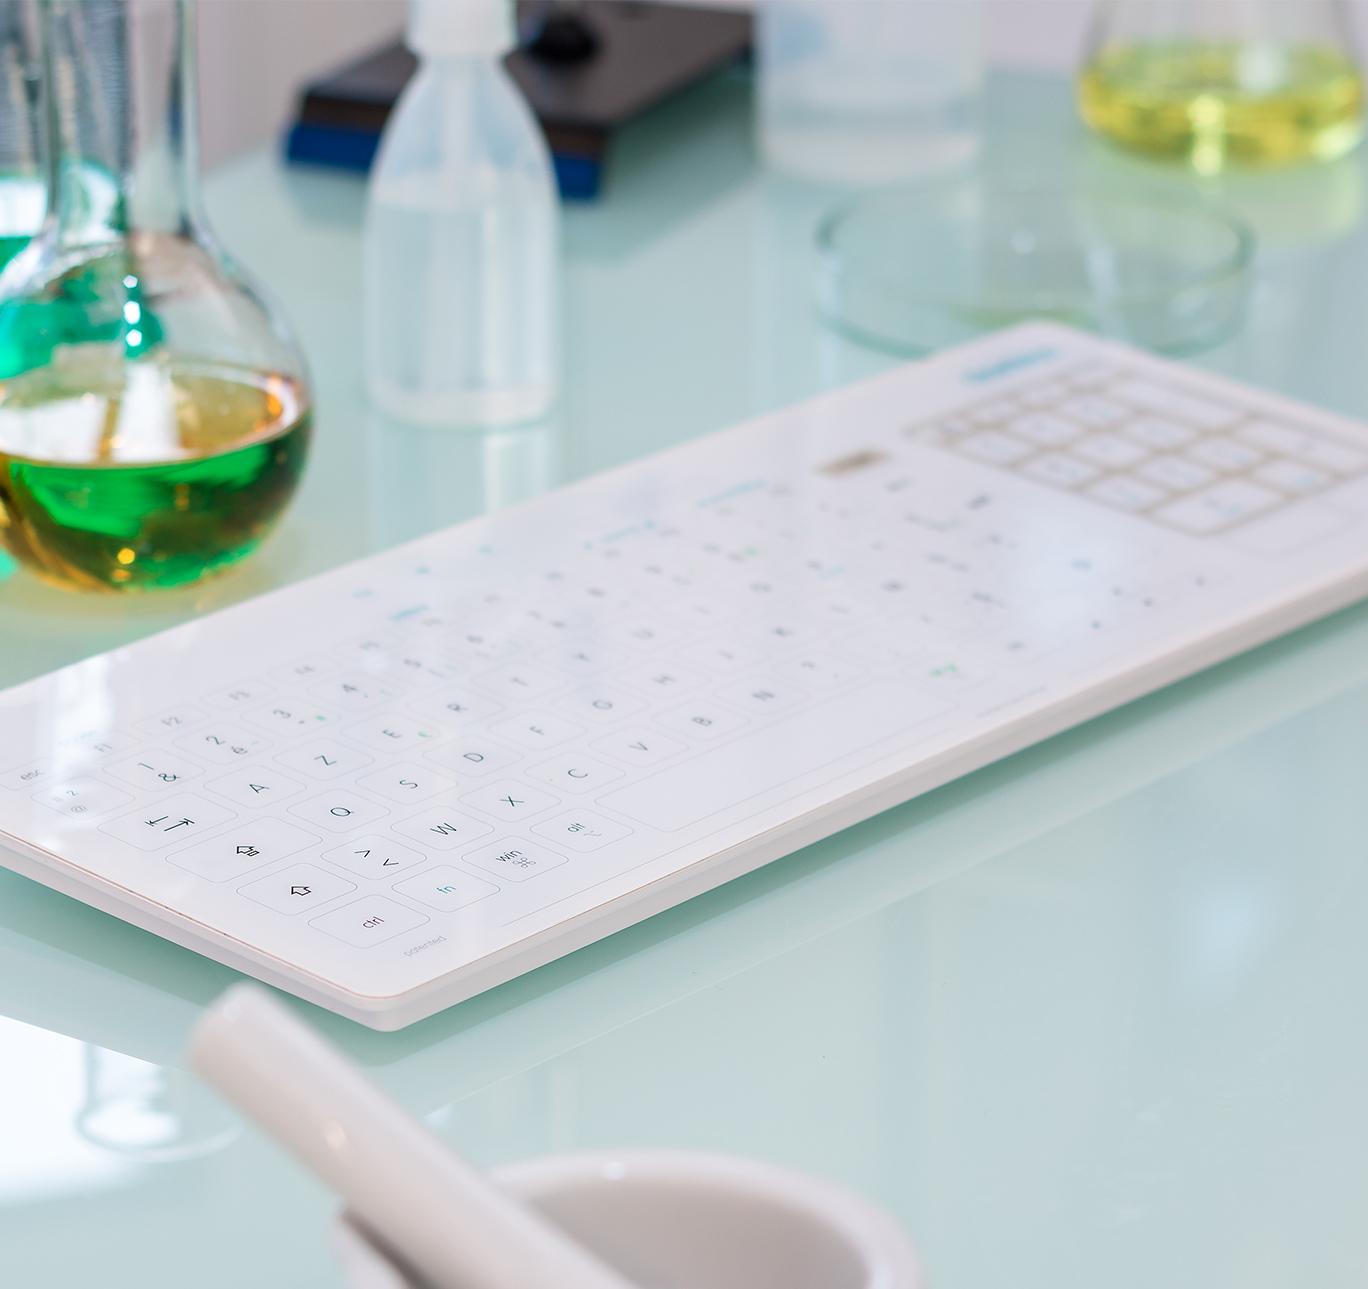 Cleankeys Standard Glass Surface Keyboard-3372